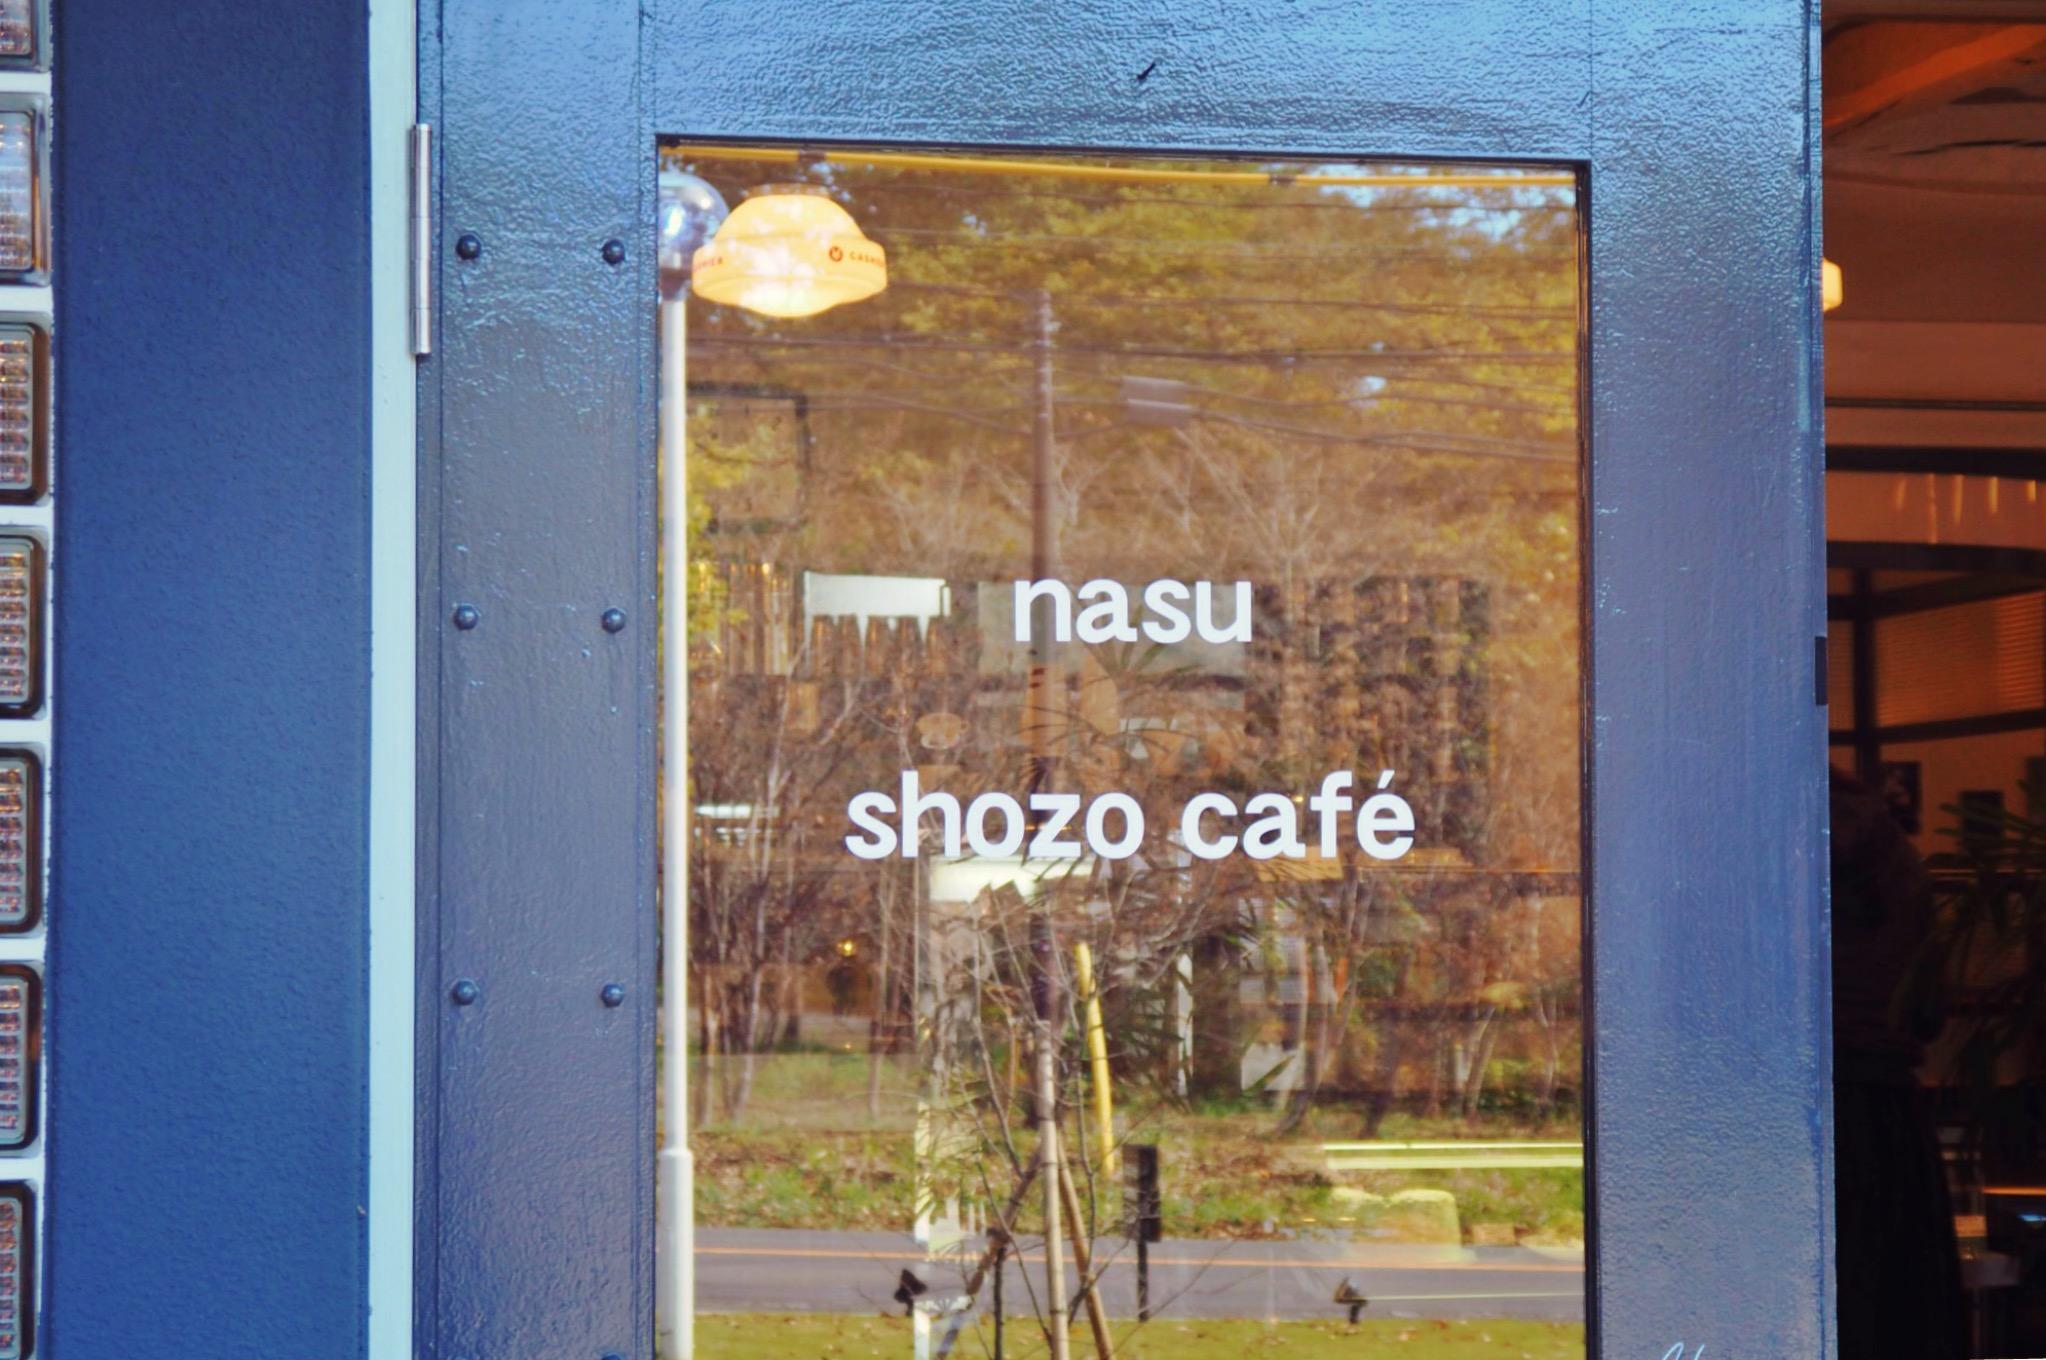 NASU SHOZO CAFE 犬 わんこ